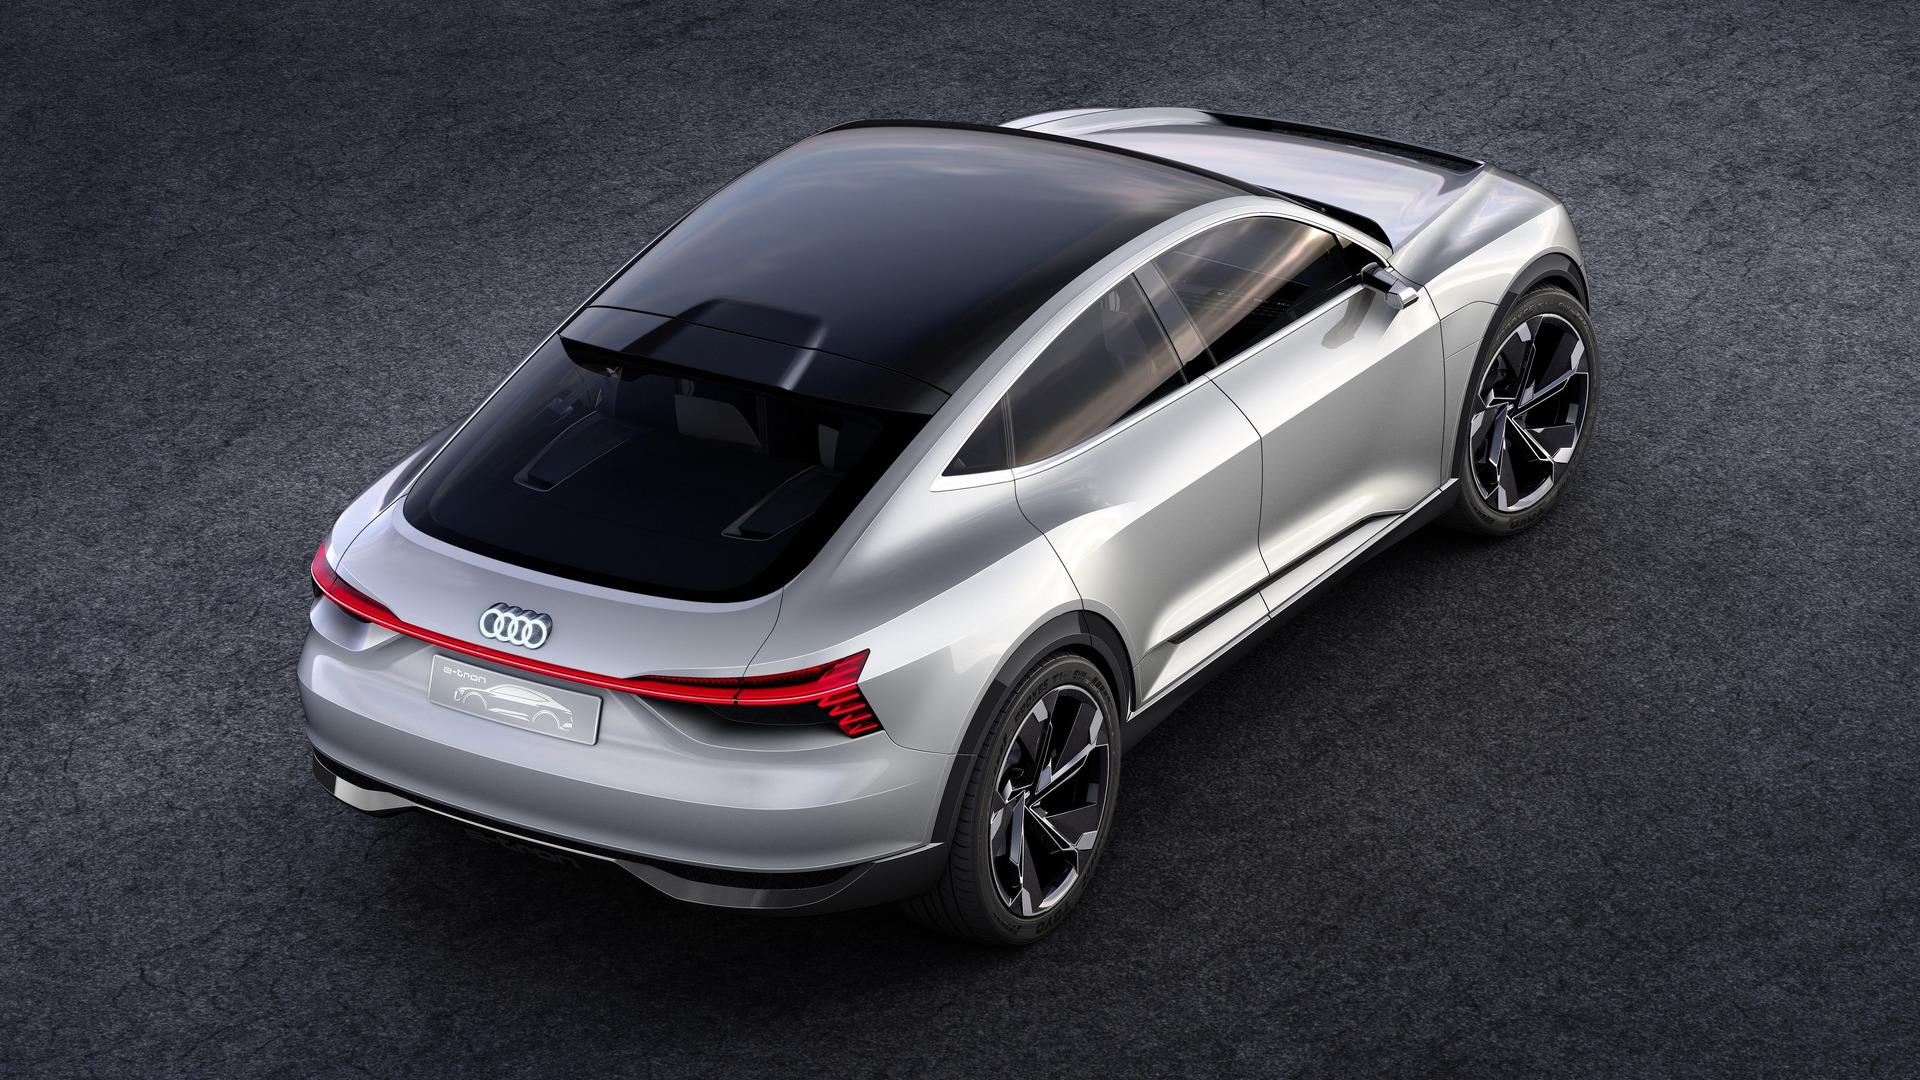 El Audi E-Tron Quattro podría debutar en Detroit, ¿cuestión de semanas?